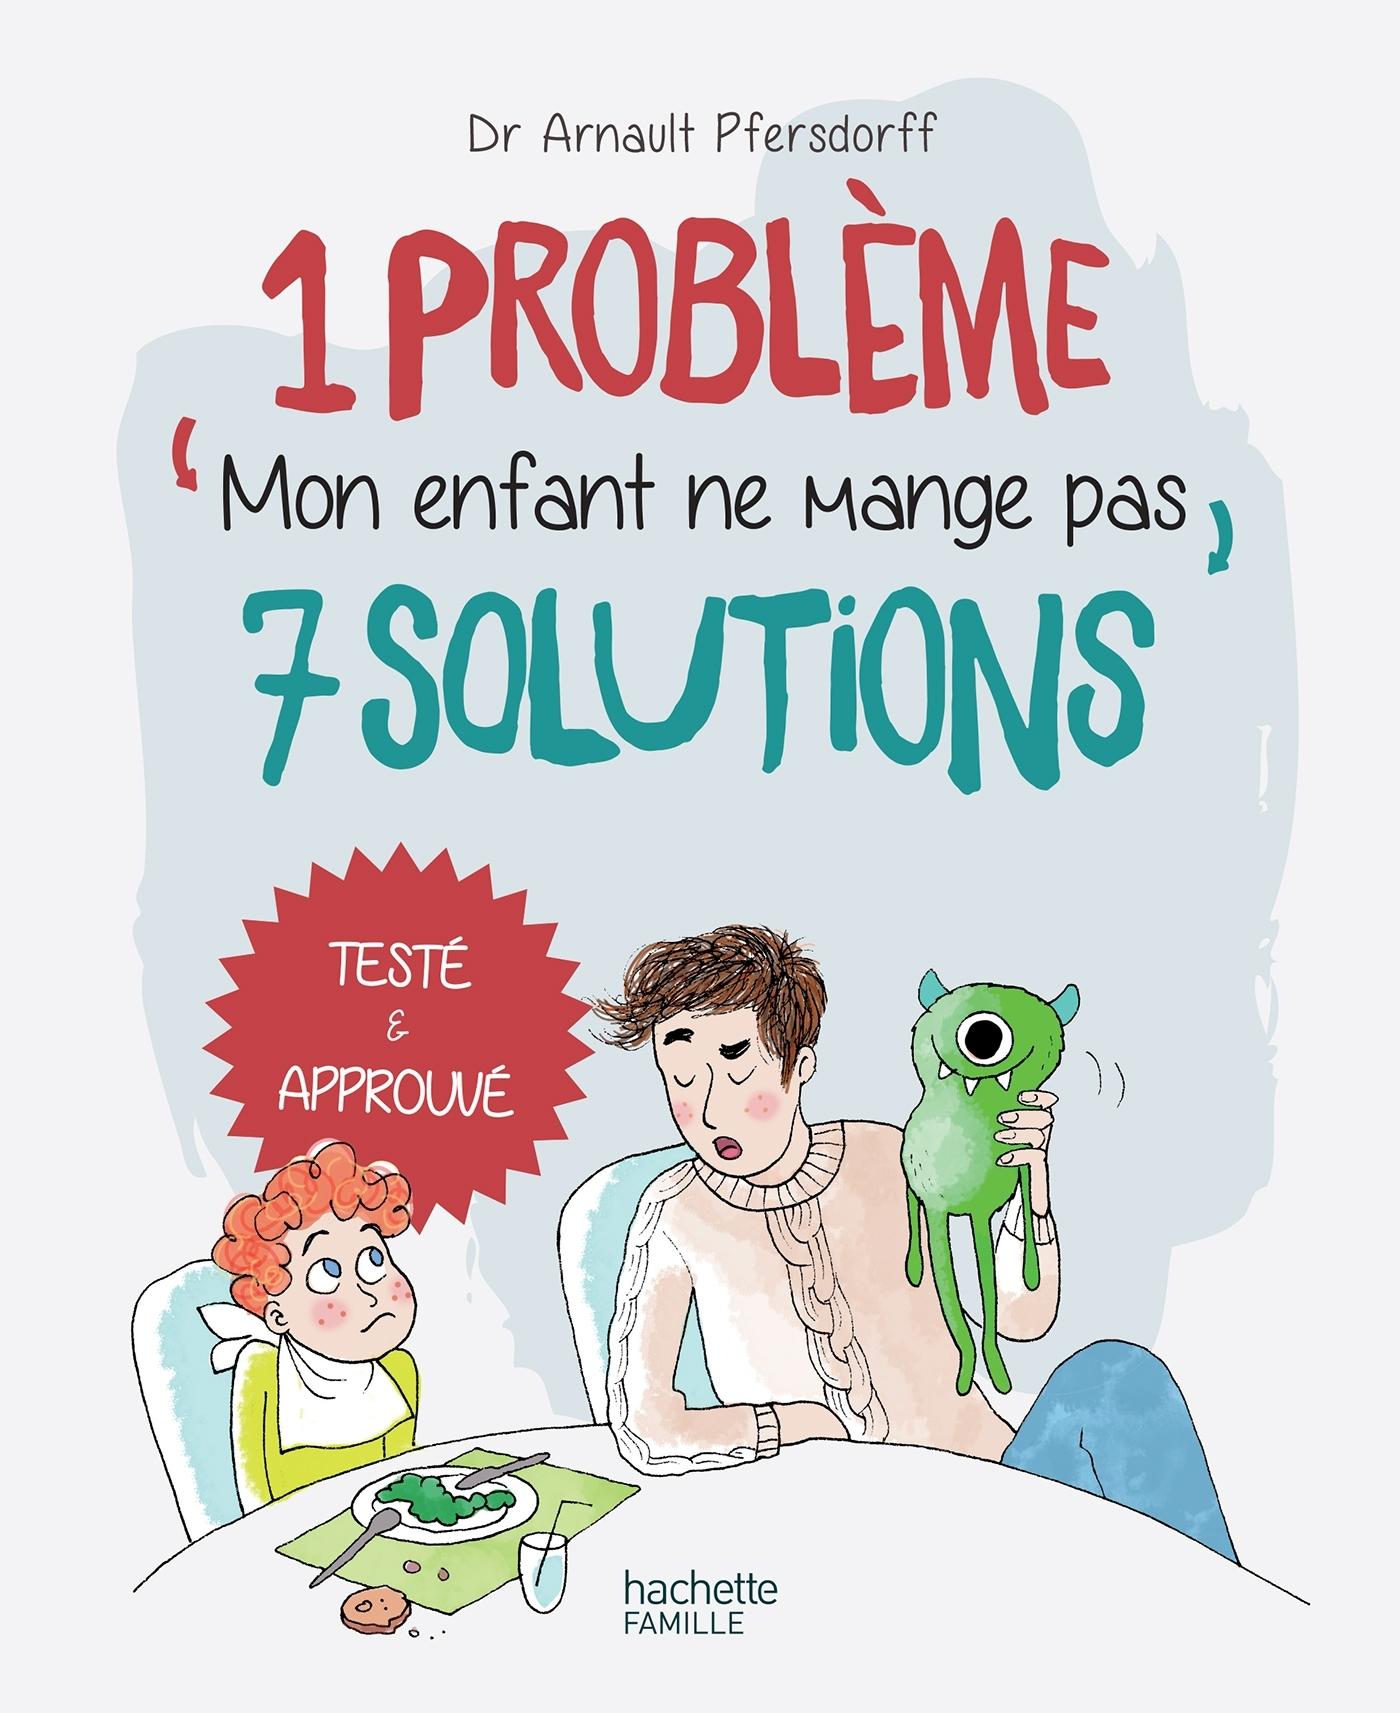 1 PROBLEME 7 SOLUTIONS : MON ENFANT NE MANGE PAS